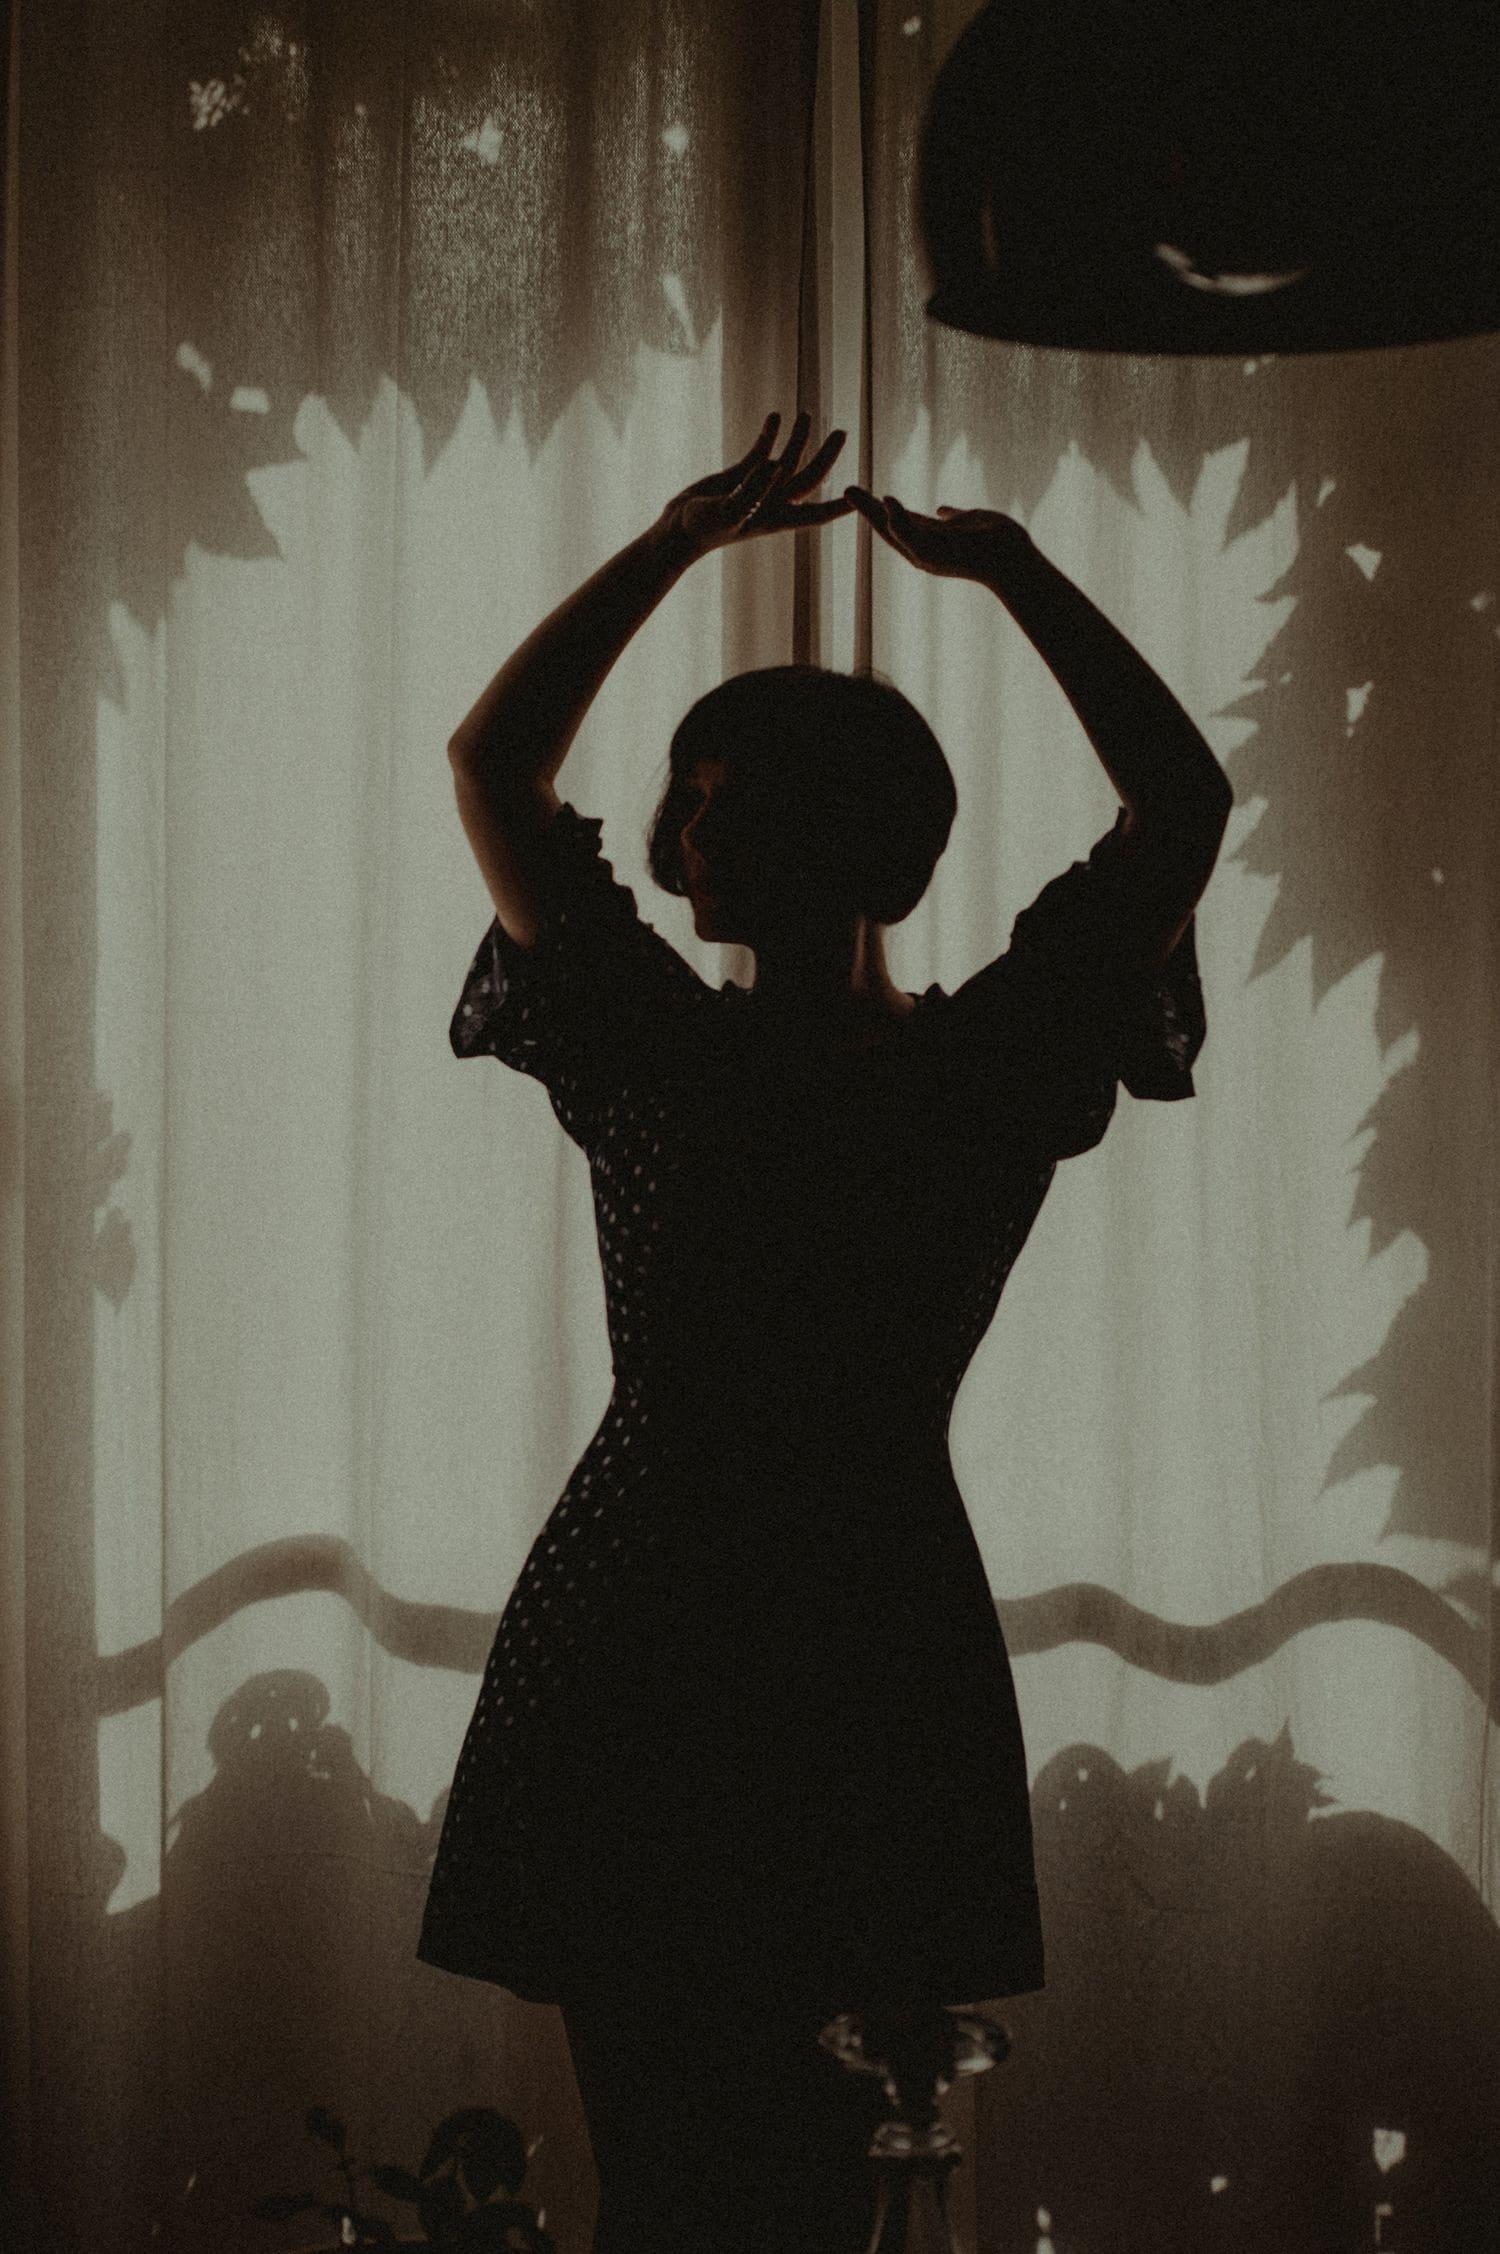 Silueta de mujer bailando frente a ventana